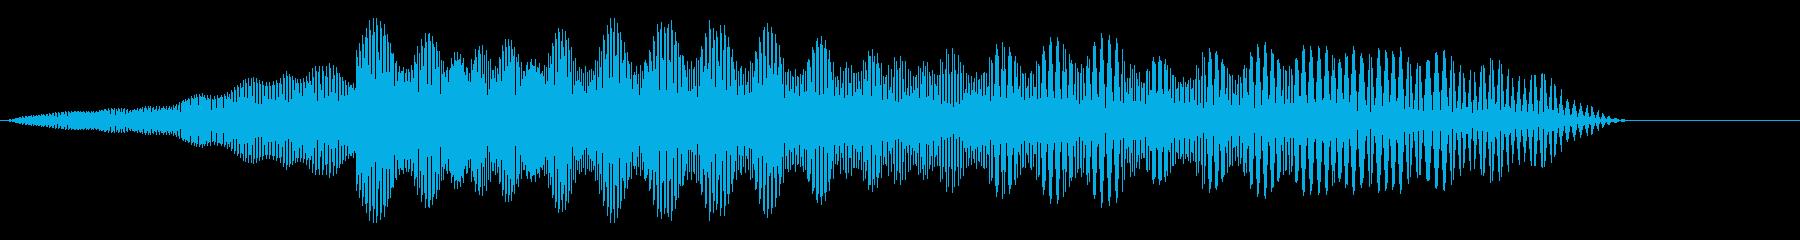 ピュウ(レーザー光線/SNES/レトロの再生済みの波形